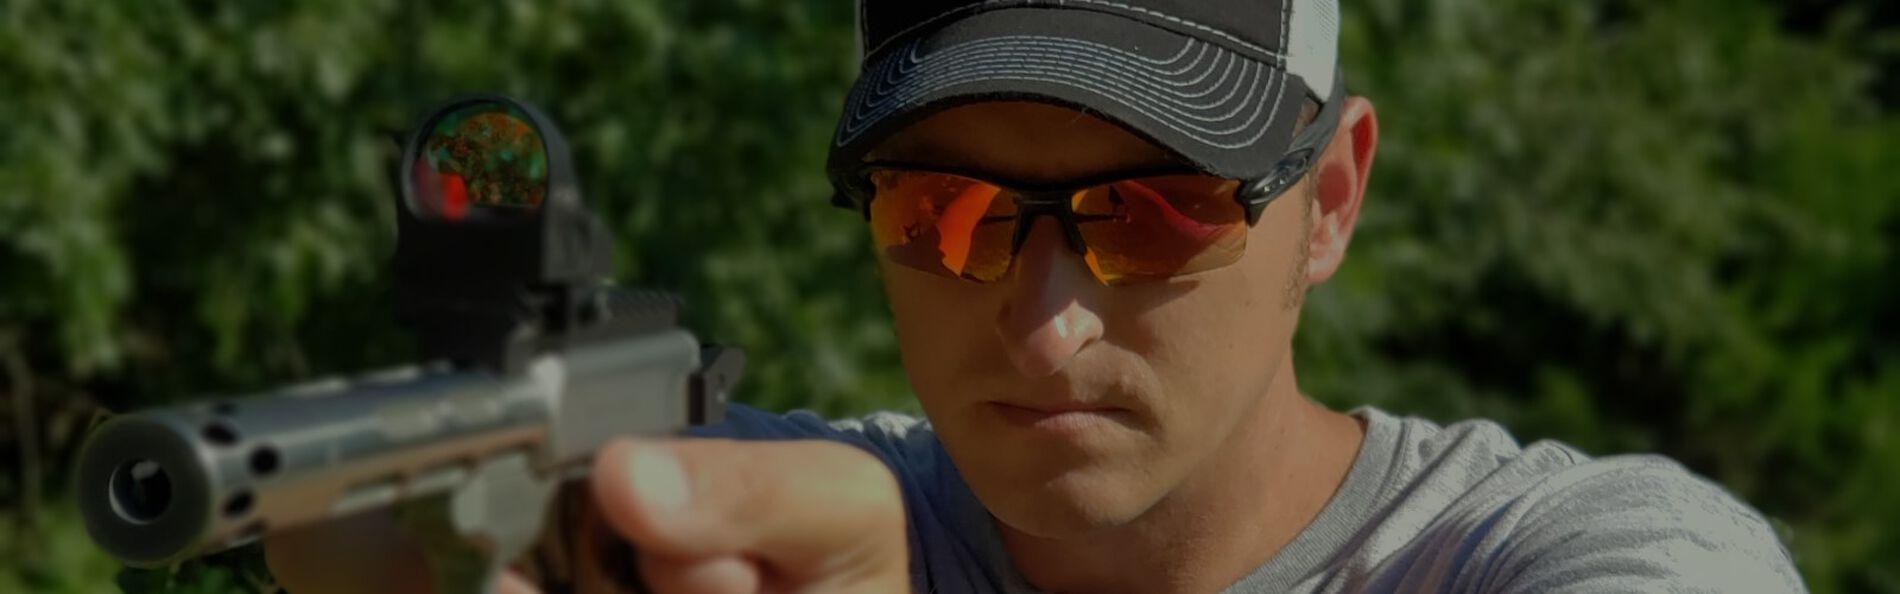 22plinkster aiming a handgun